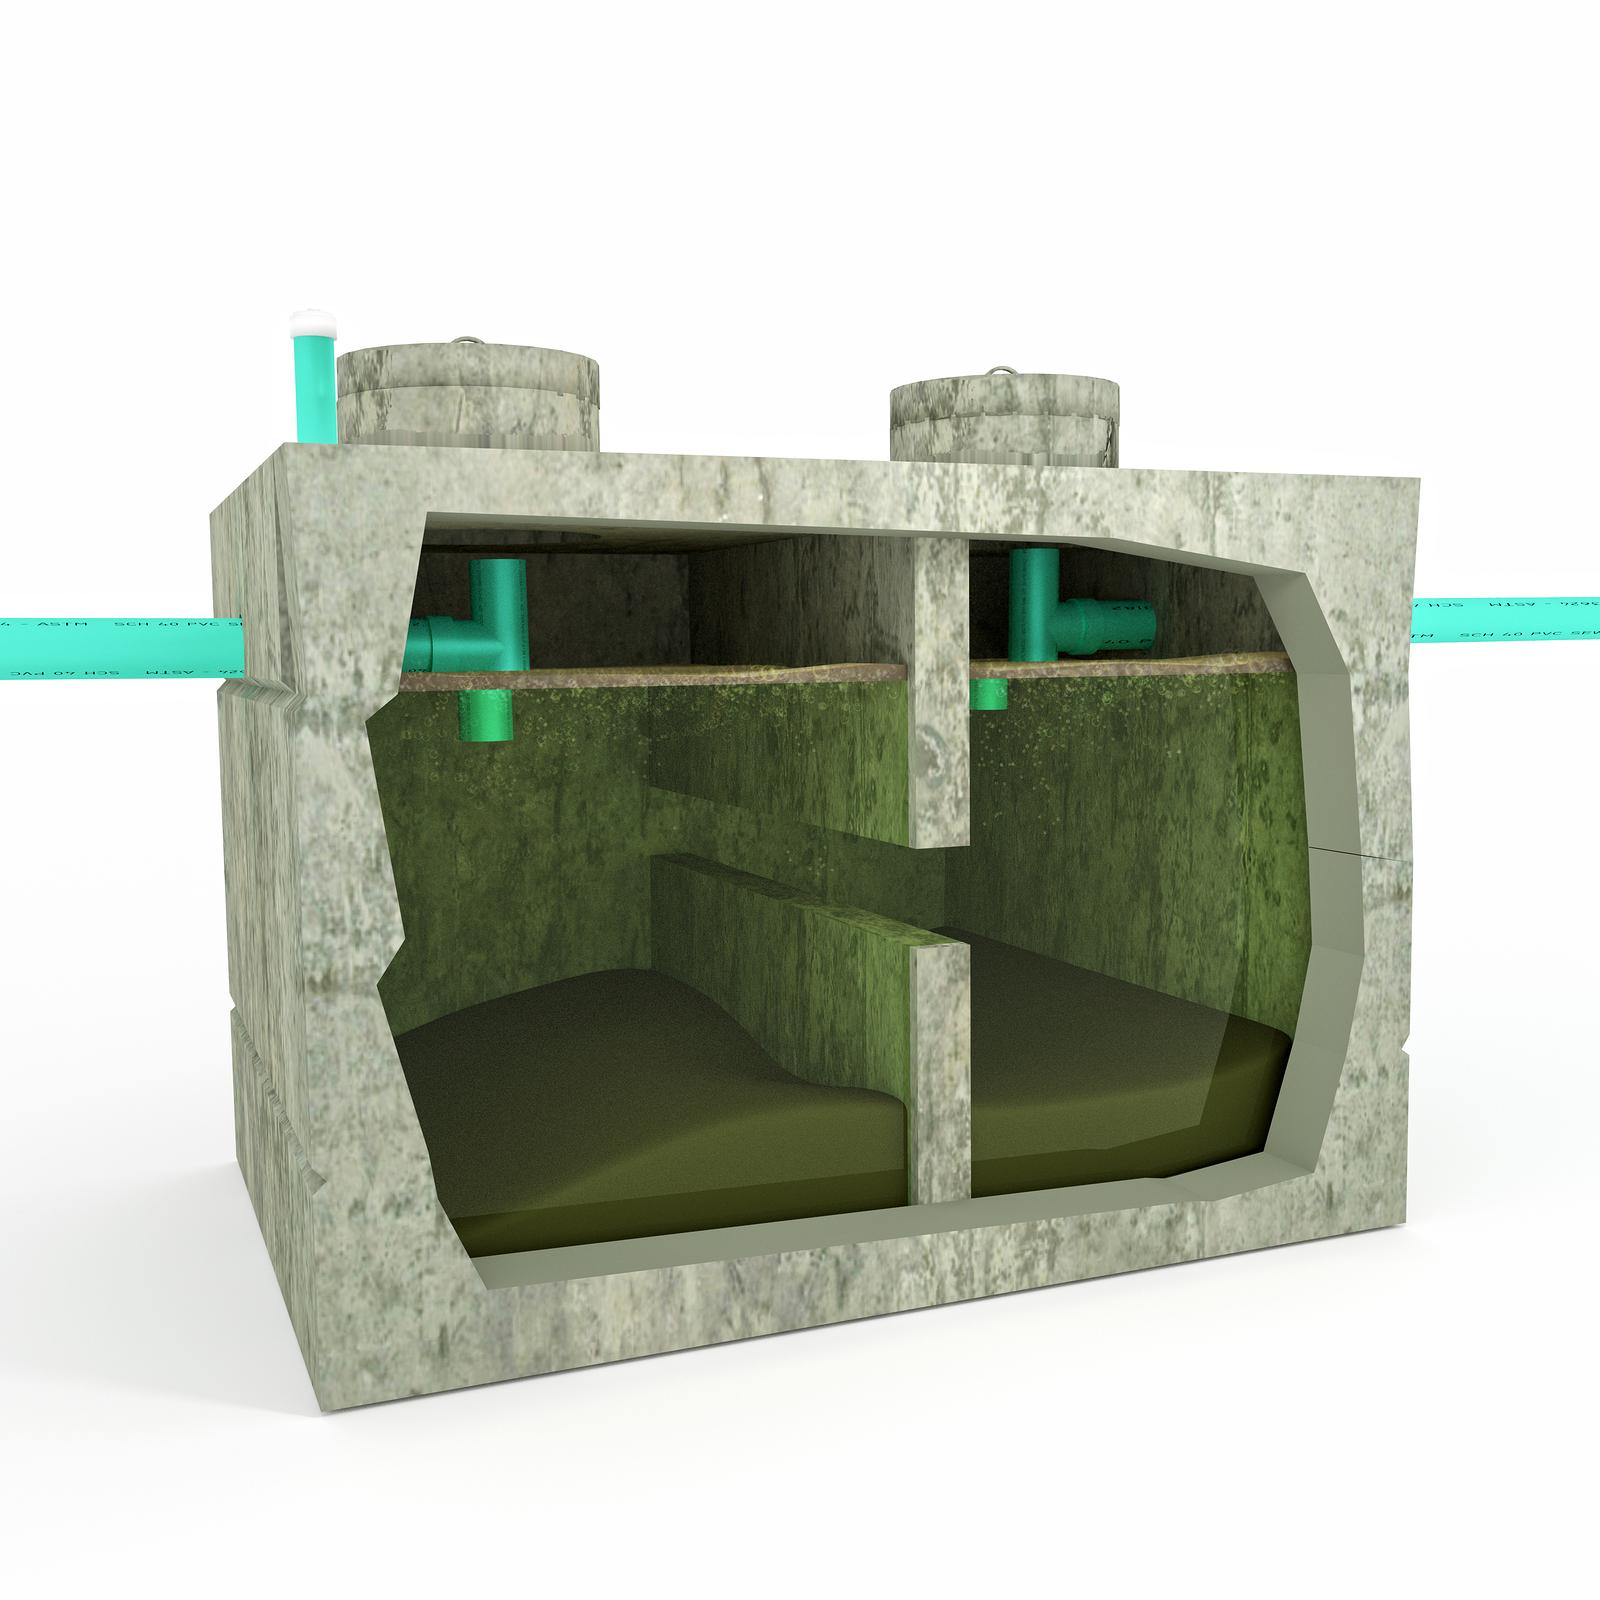 septic system cutaway